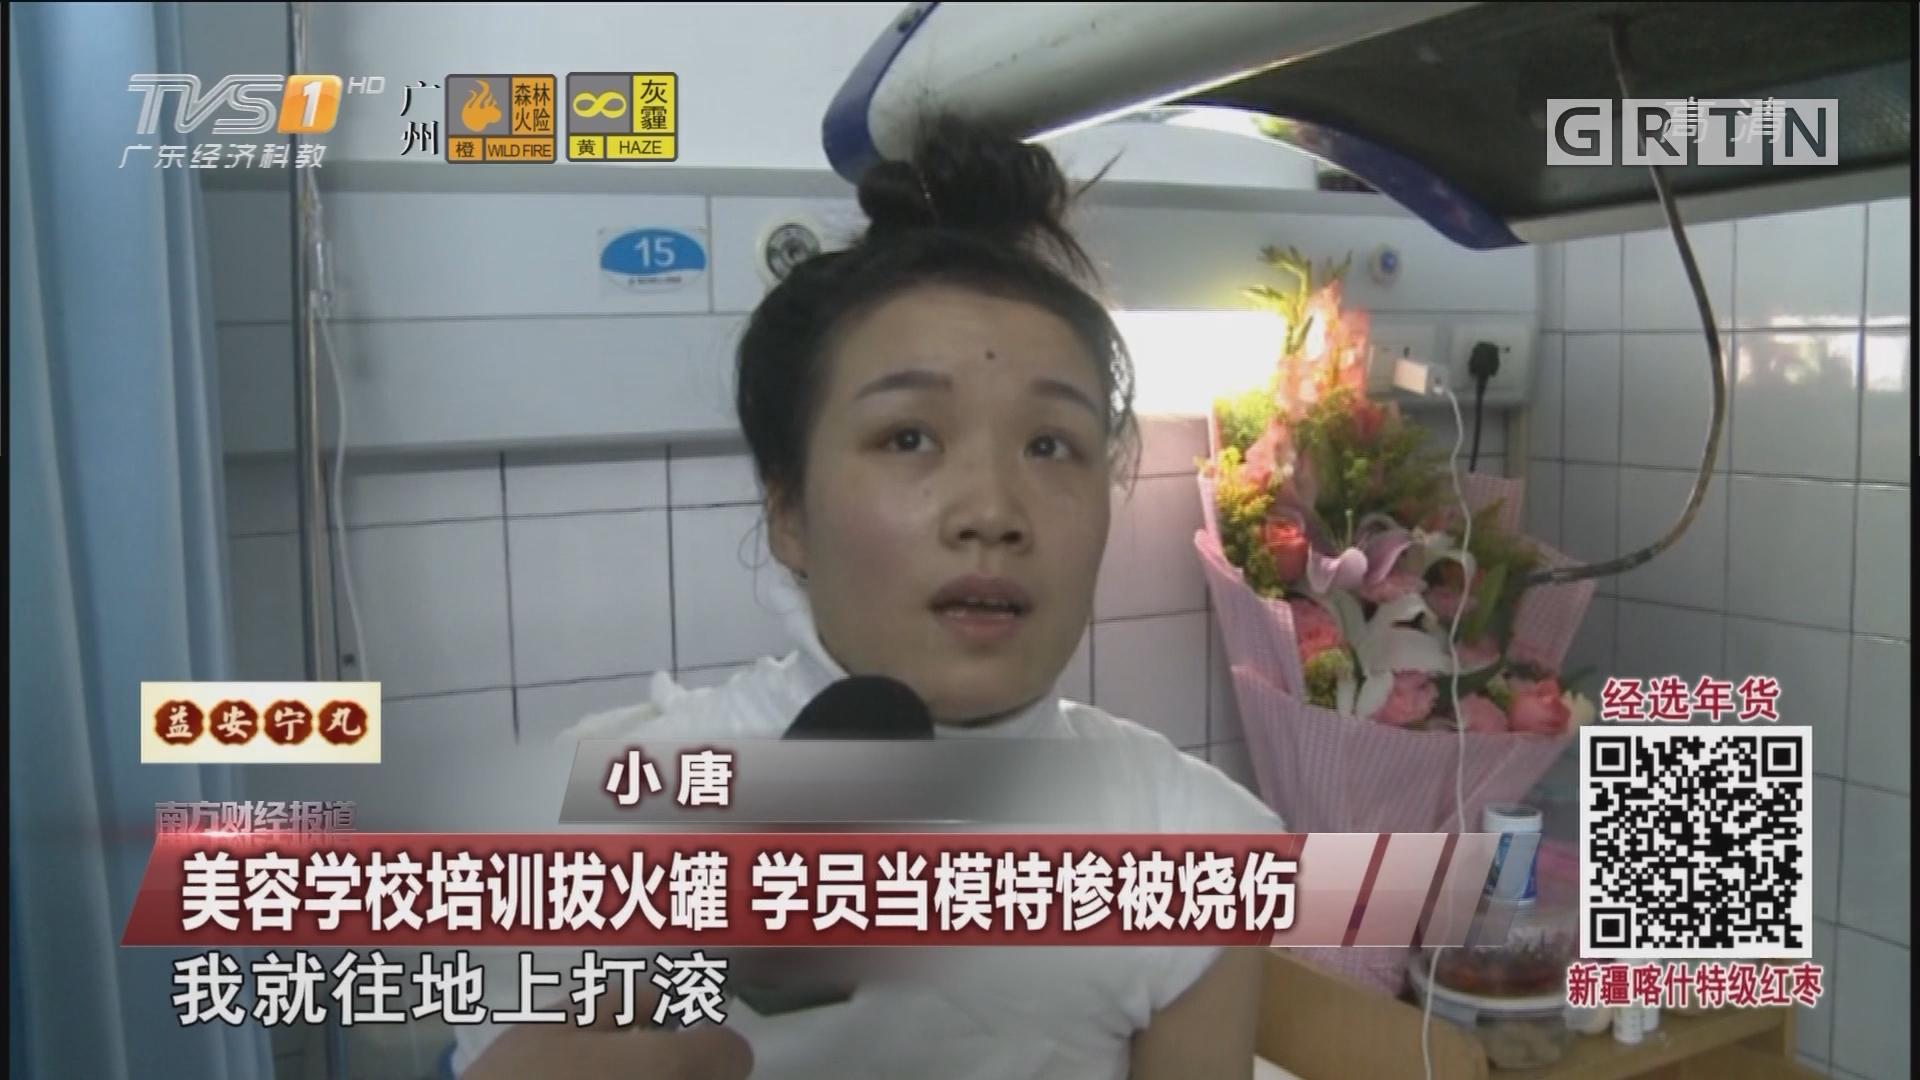 美容学校培训拔火罐 学员当模特惨被烧伤